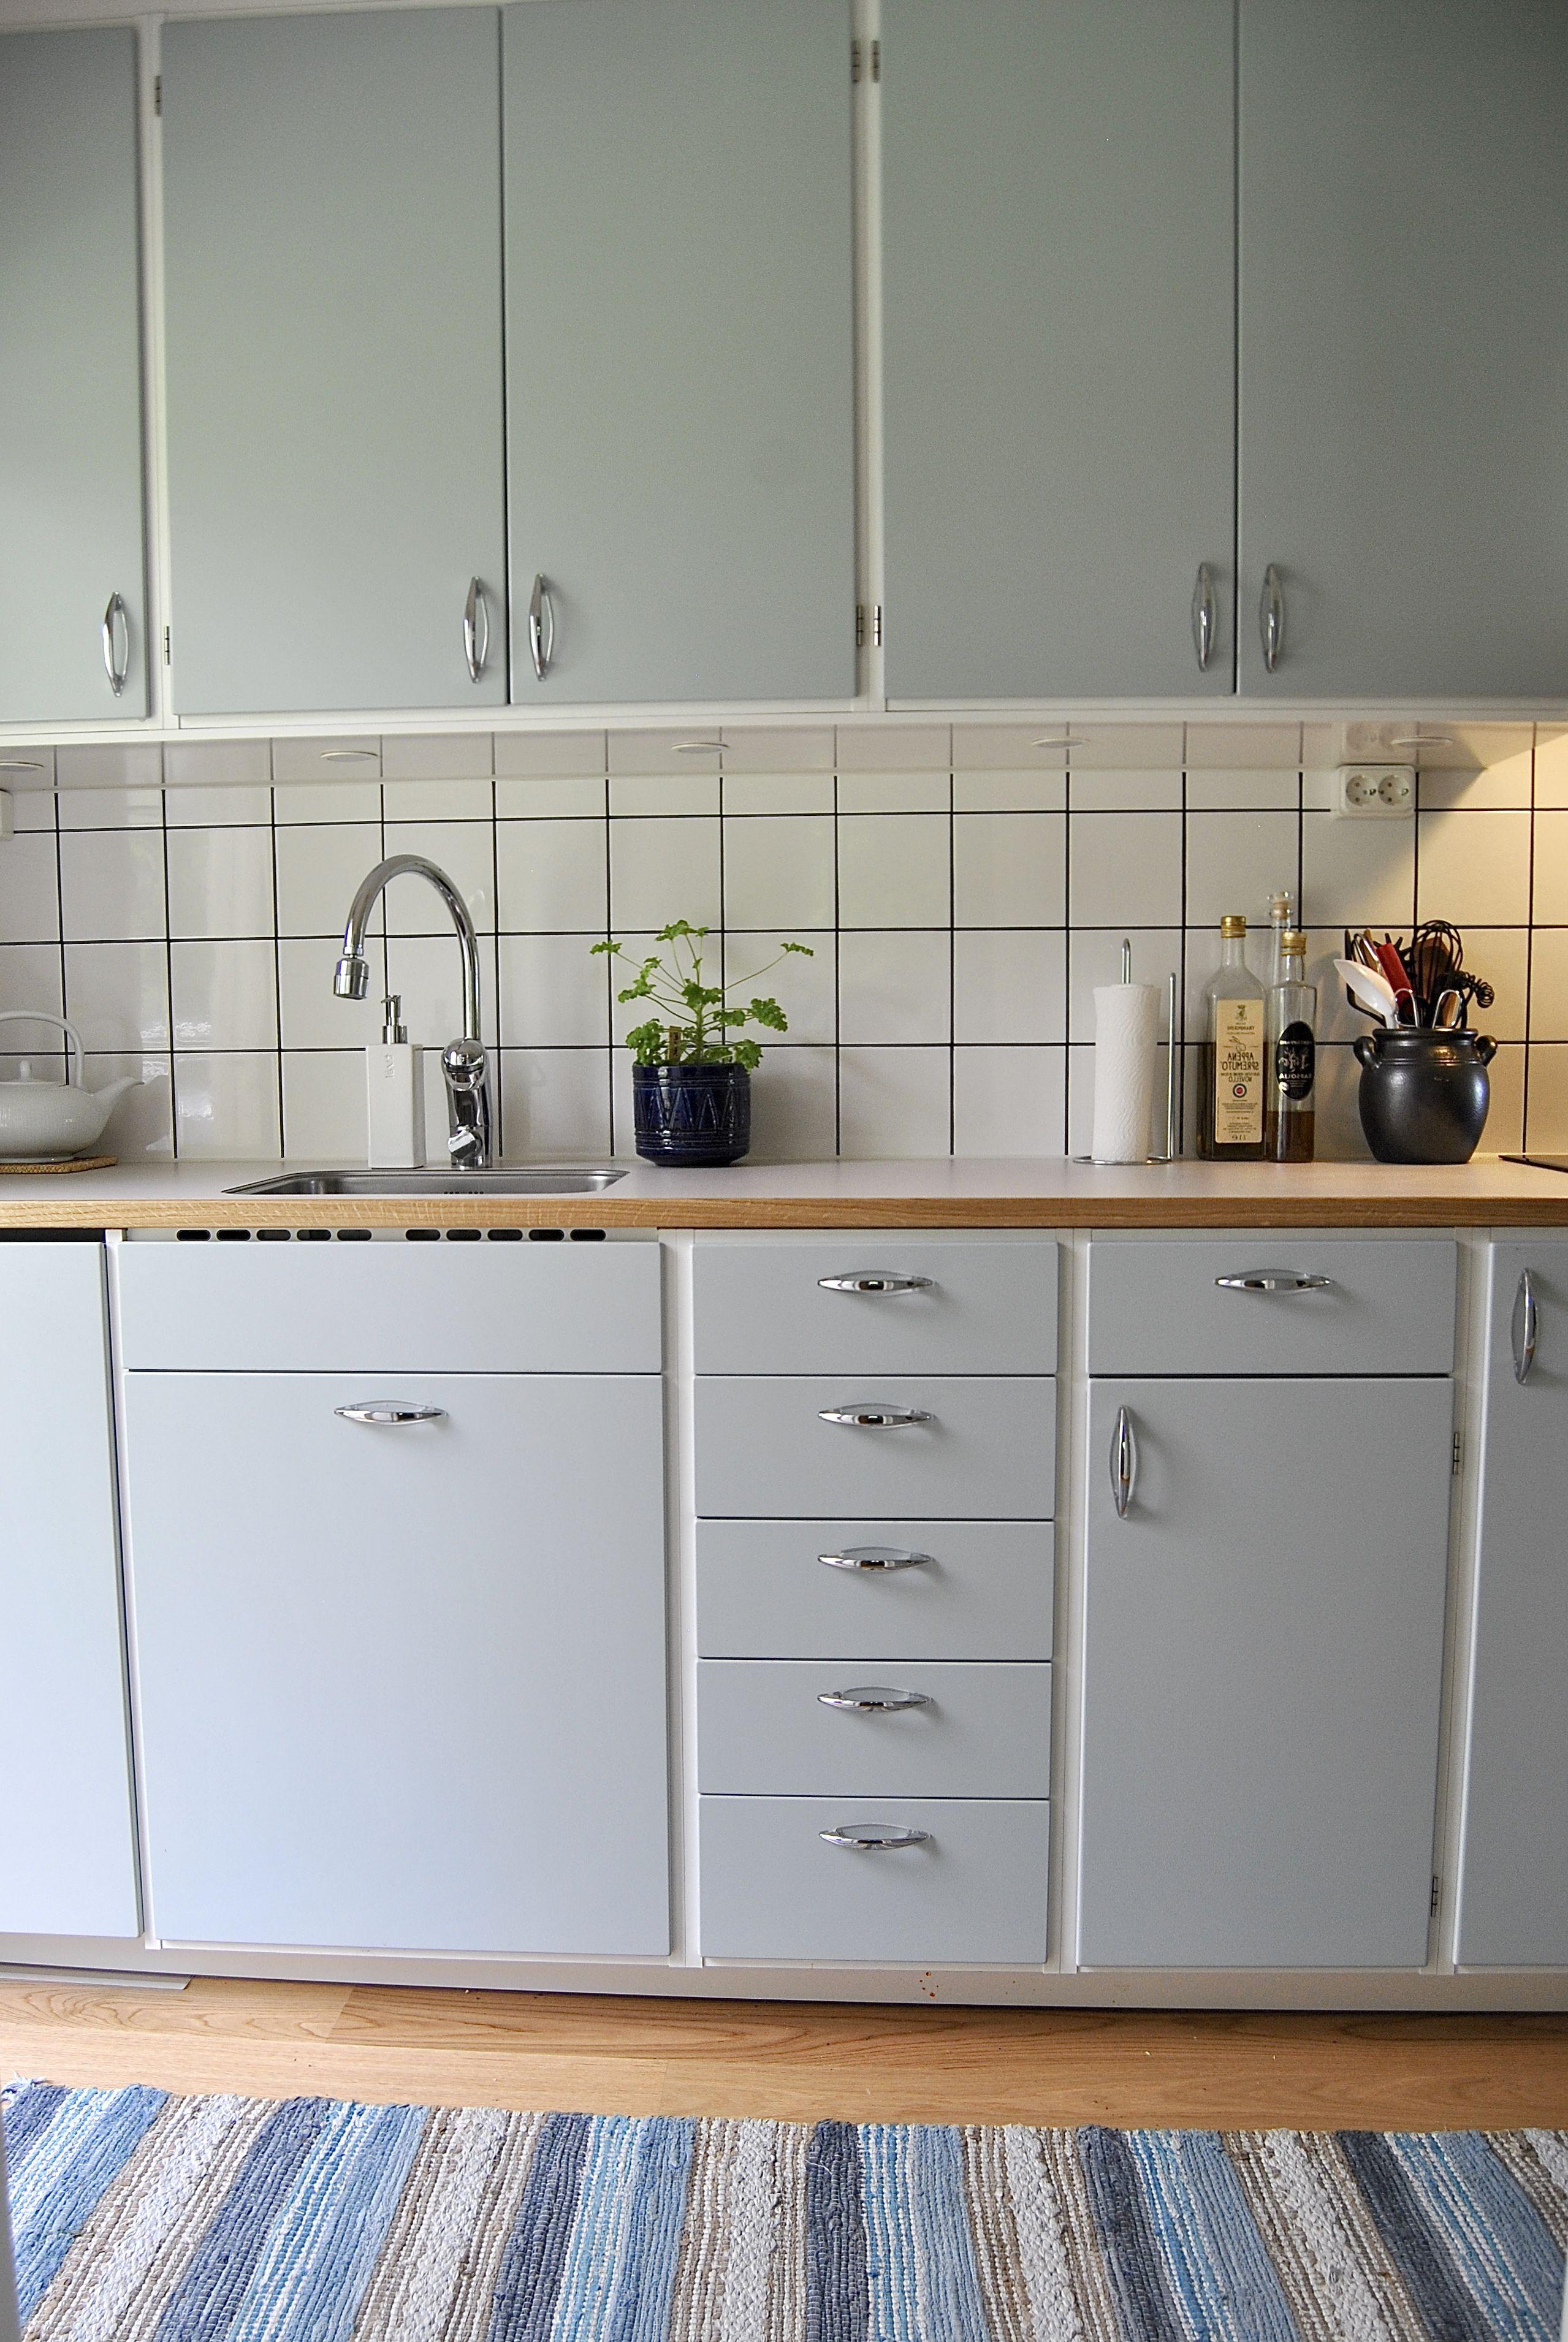 1960 tals kök med falsade luckor i mild gråblå färg. Kakel i